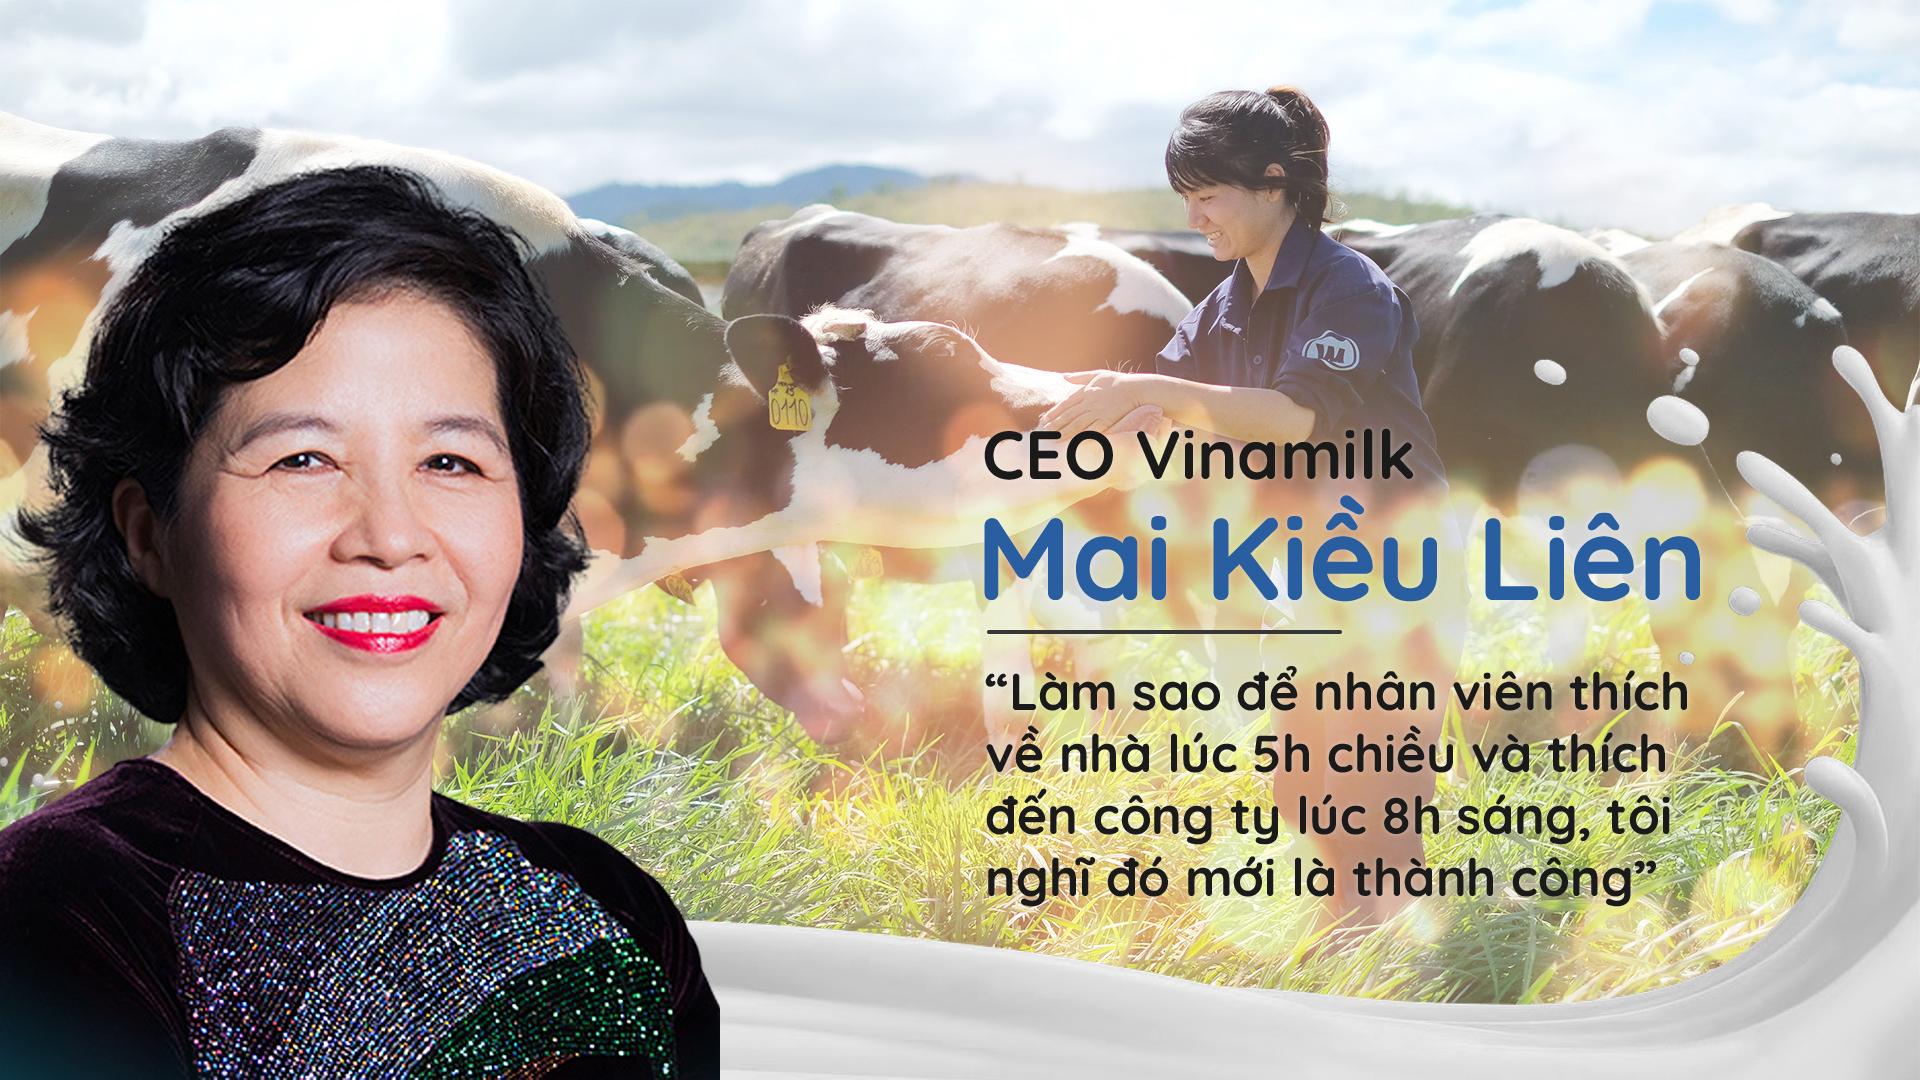 """CEO Vinamilk Mai Kiều Liên: """"Làm sao để nhân viên thích về nhà lúc 5h chiều và thích đến công ty lúc 8h sáng, tôi nghĩ đó mới là thành công"""" - Ảnh 1"""